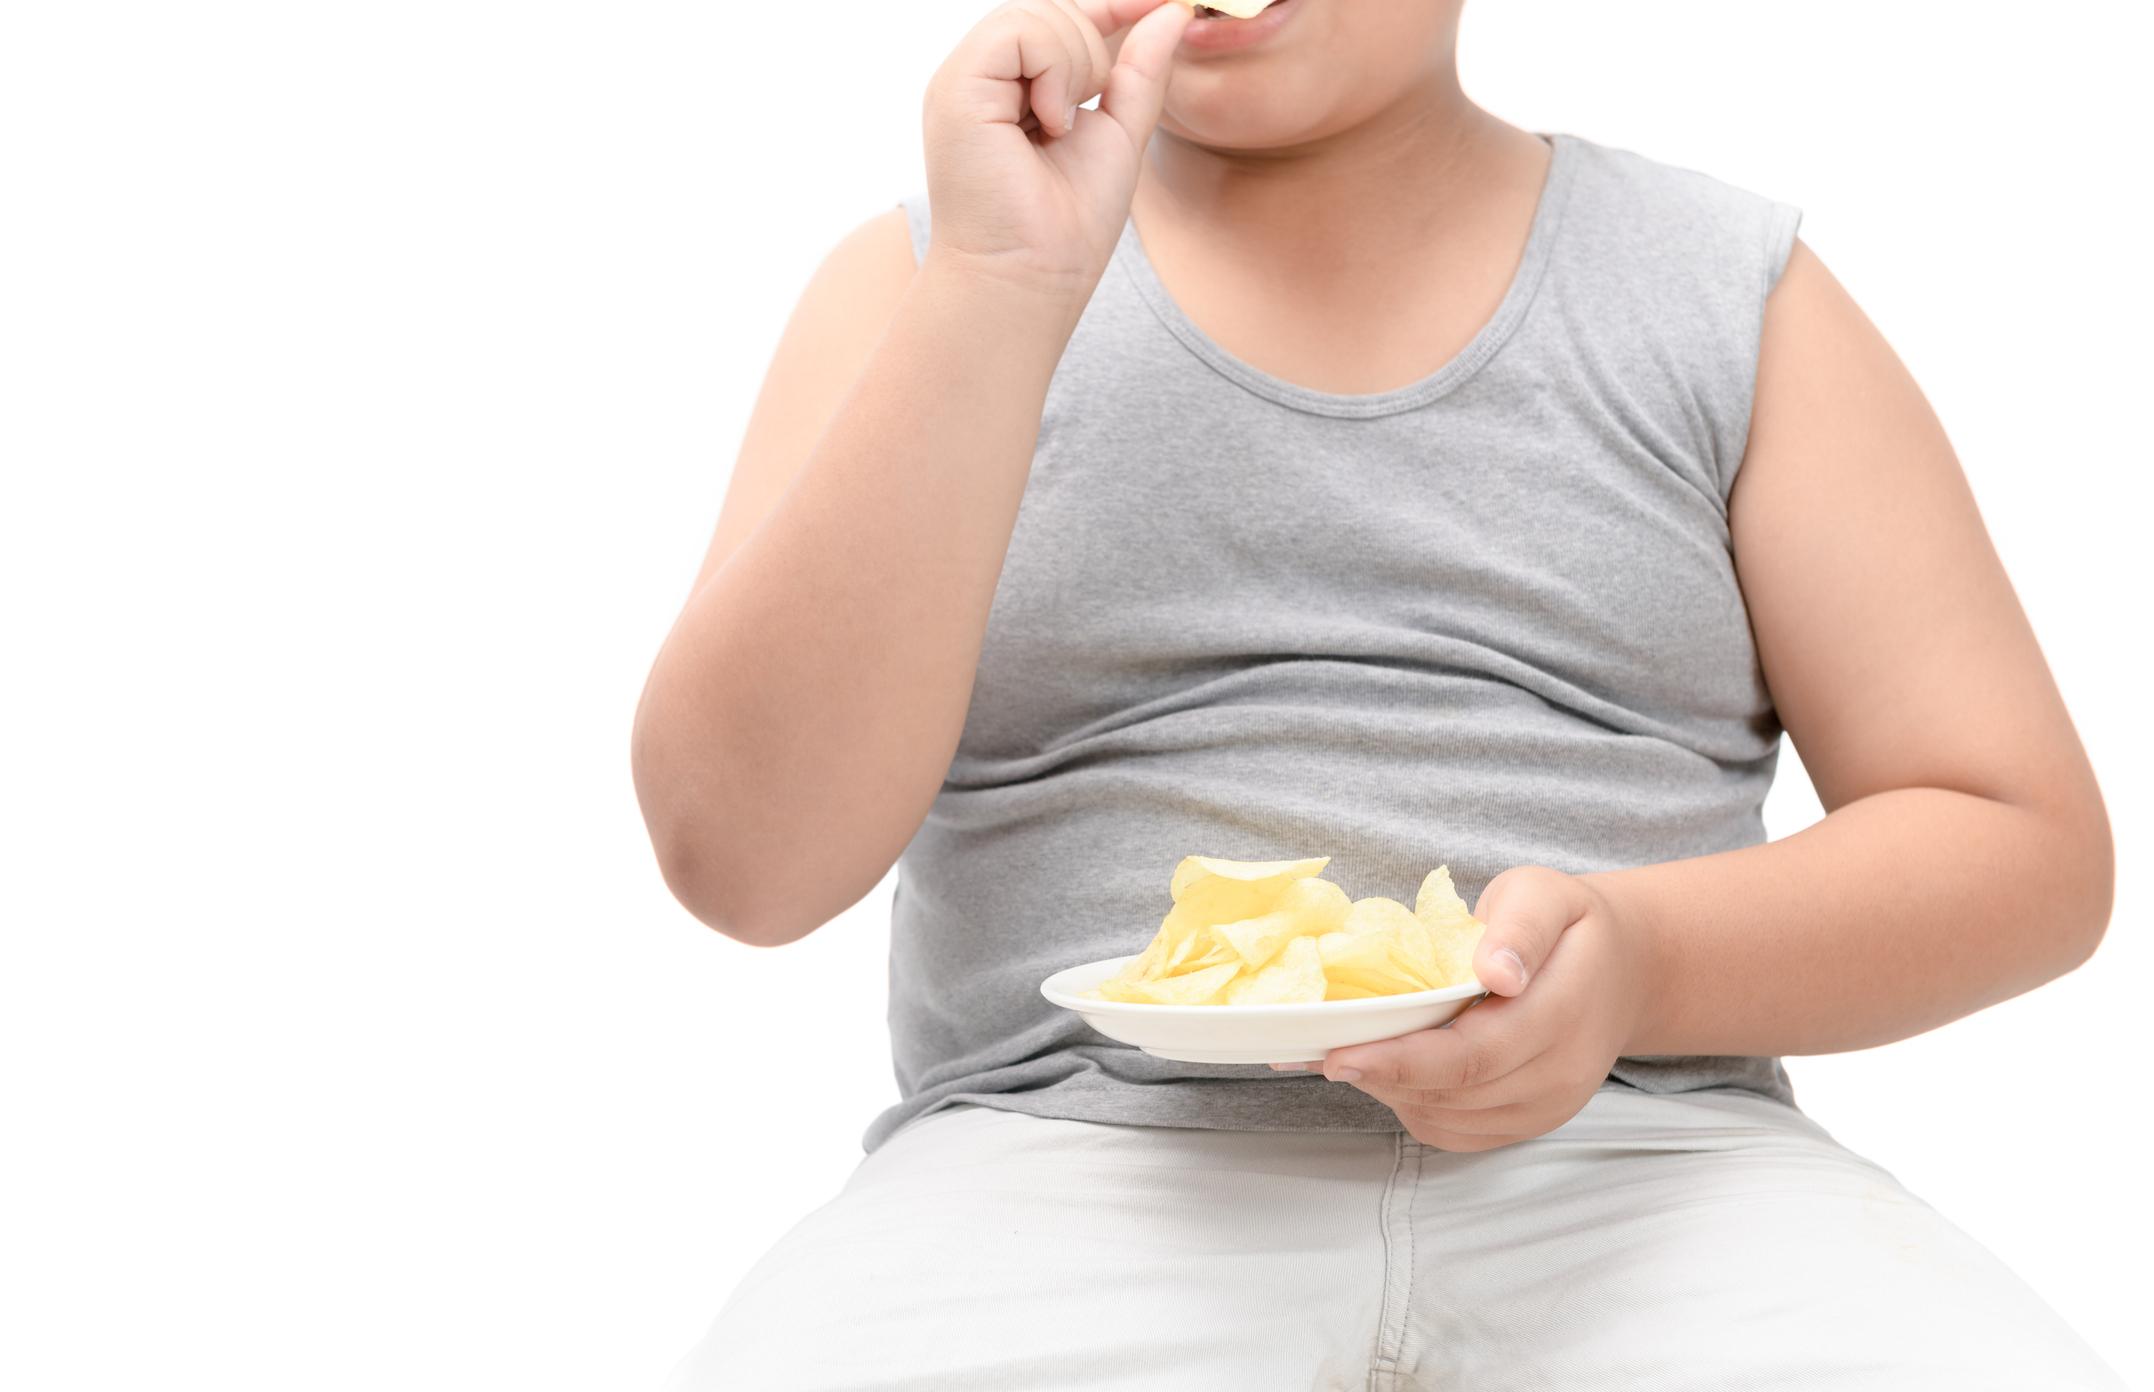 #ศูนย์เด็ก #โรงพยาบาลศิริราช ปิยมหาราชการุณย์ #เบาหวานในเด็ก #โรคเบาหวาน #Diabetes in children #น้ำตาลในเลือดสูง #ภาวะอ้วน #โรคอ้วน #รักษาเบาหวาน #ฉีดยาอินซูลิน #ลดระดับน้ำตาลในเลือด